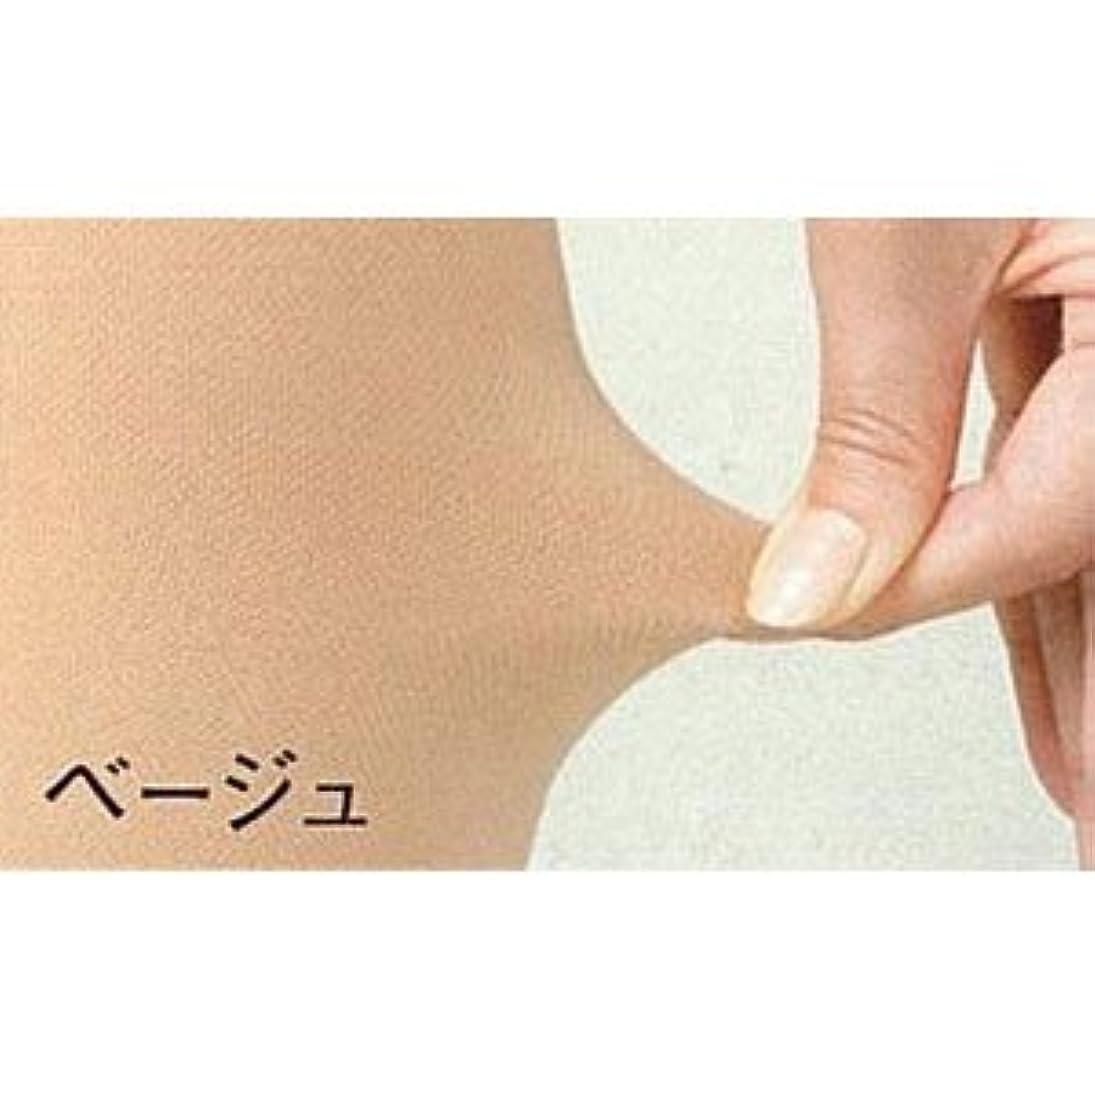 地下鉄哲学的故意の医療用弾性ストッキング レックスフィット 厚手ストッキング 爪先あり 中圧 Sサイズ ベージュ2611